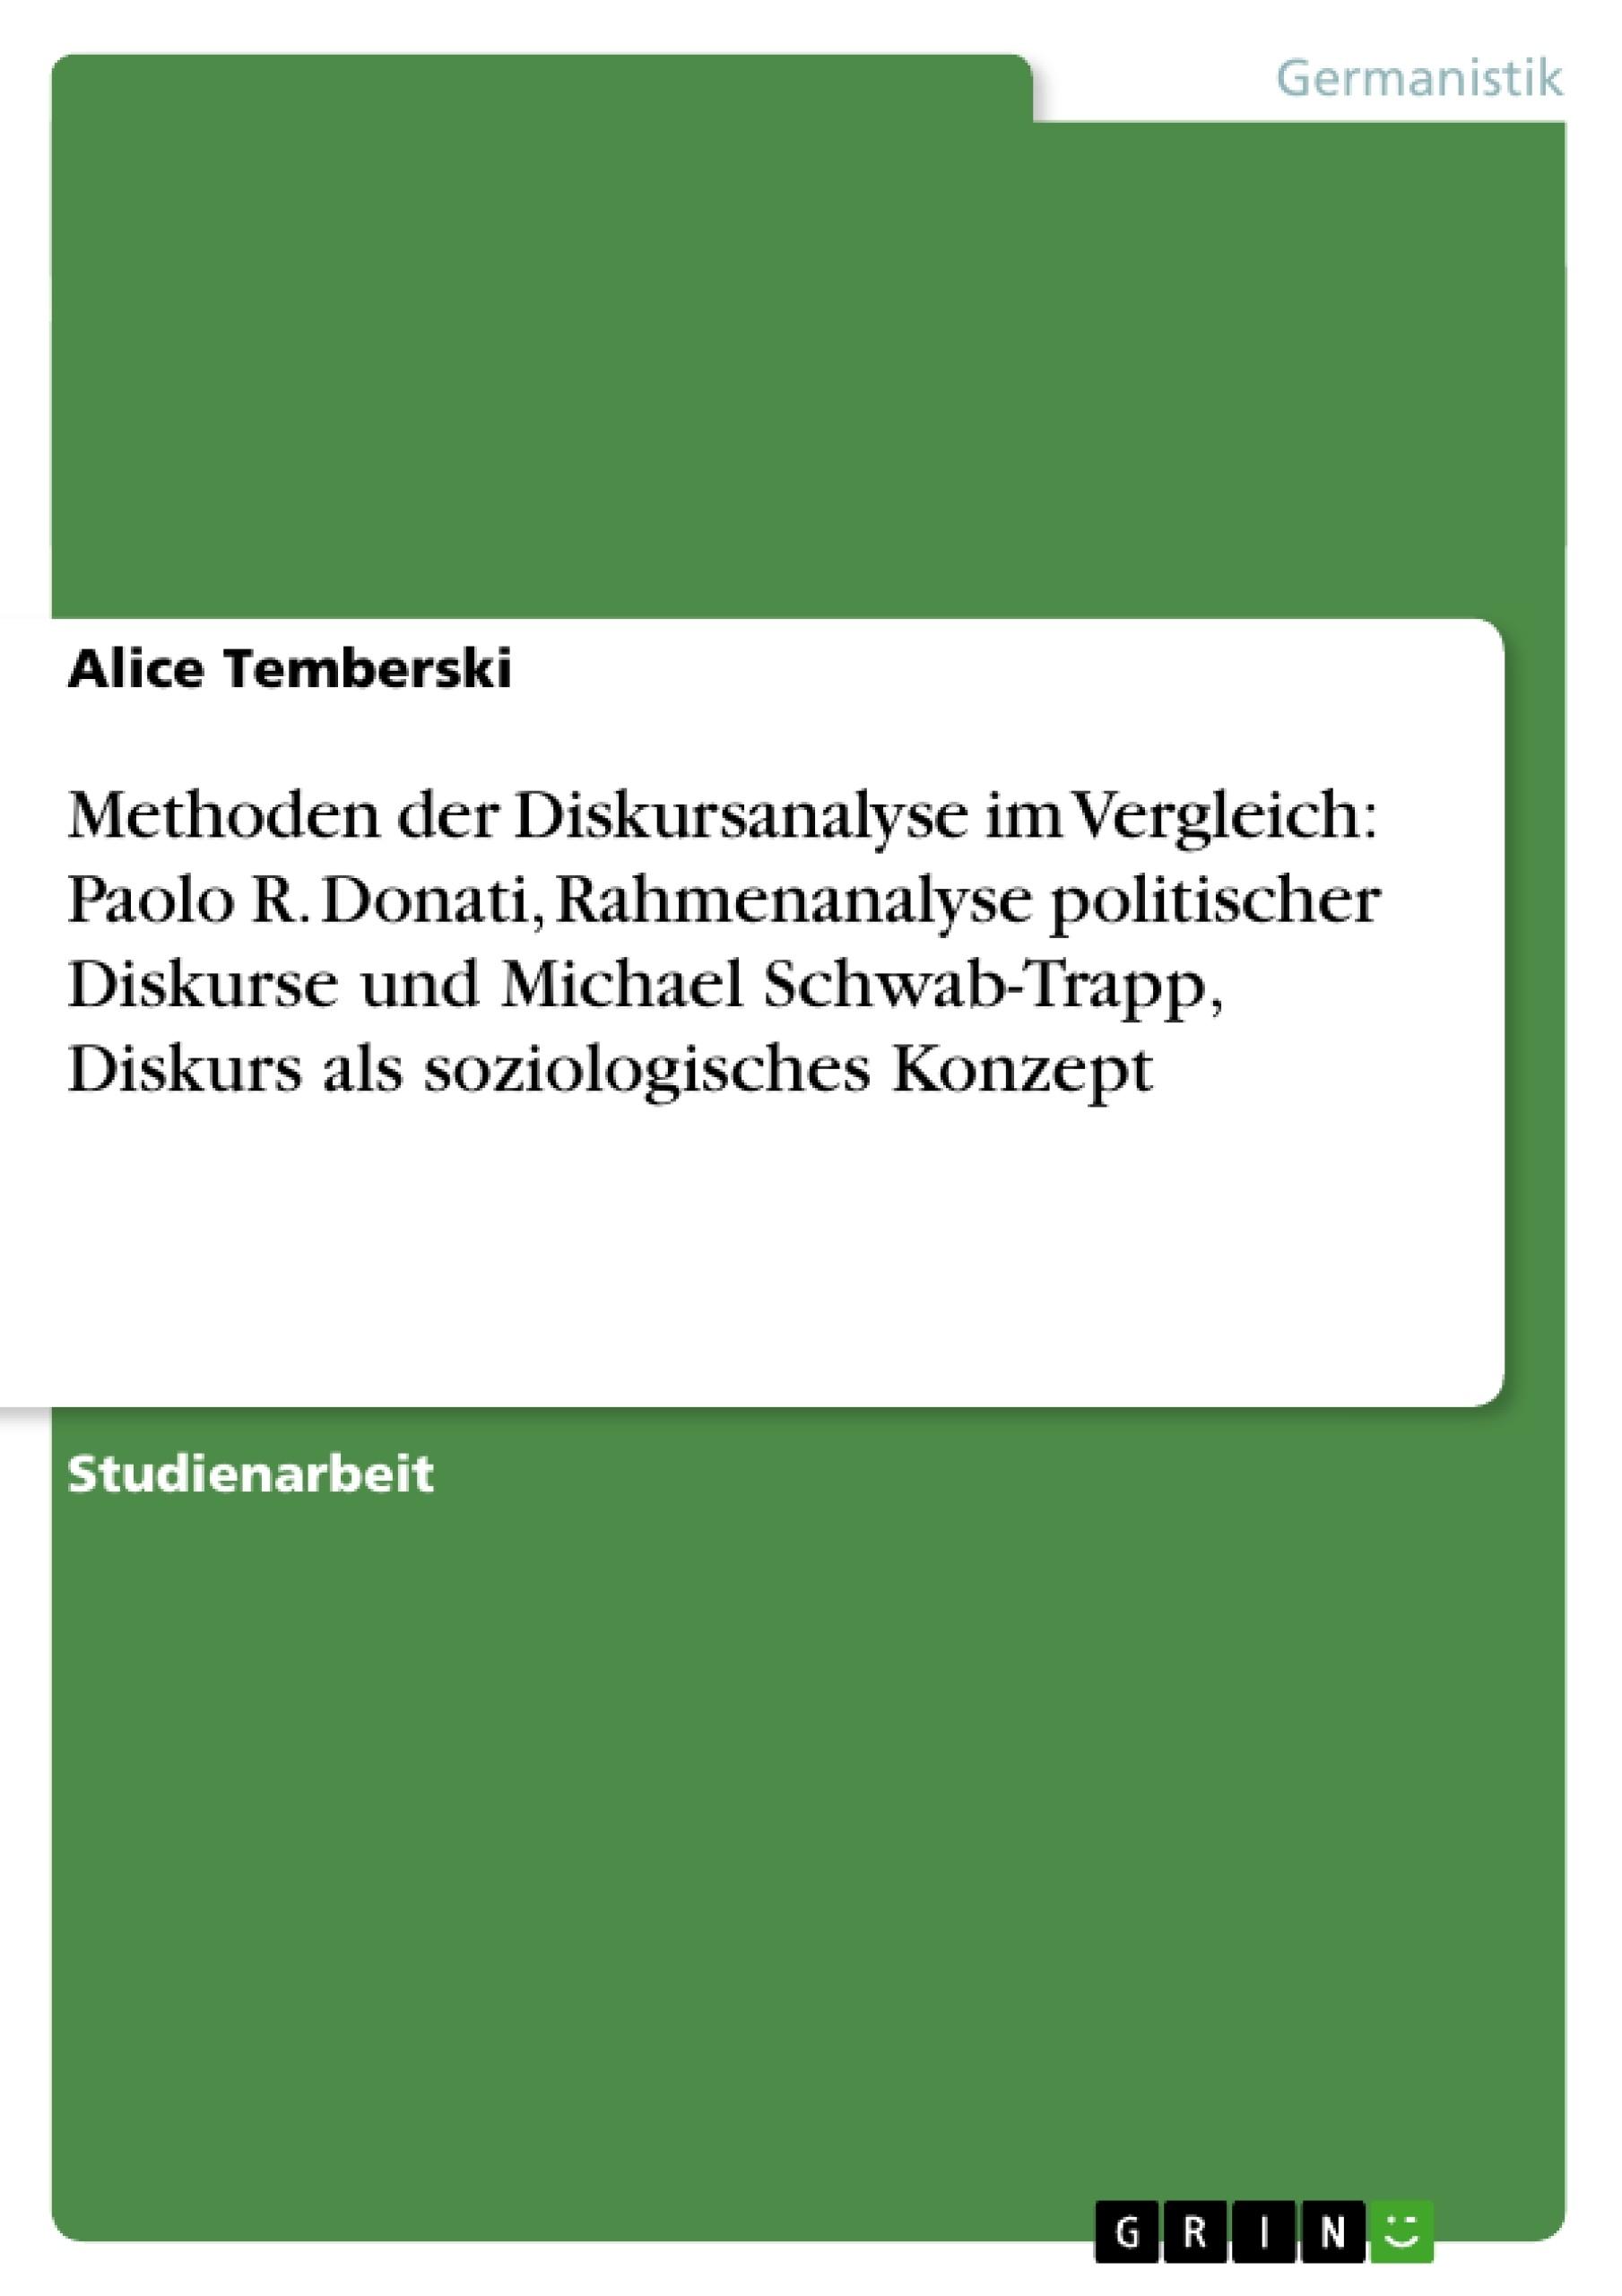 Titel: Methoden der Diskursanalyse im Vergleich: Paolo R. Donati, Rahmenanalyse politischer Diskurse und Michael Schwab-Trapp, Diskurs als soziologisches Konzept